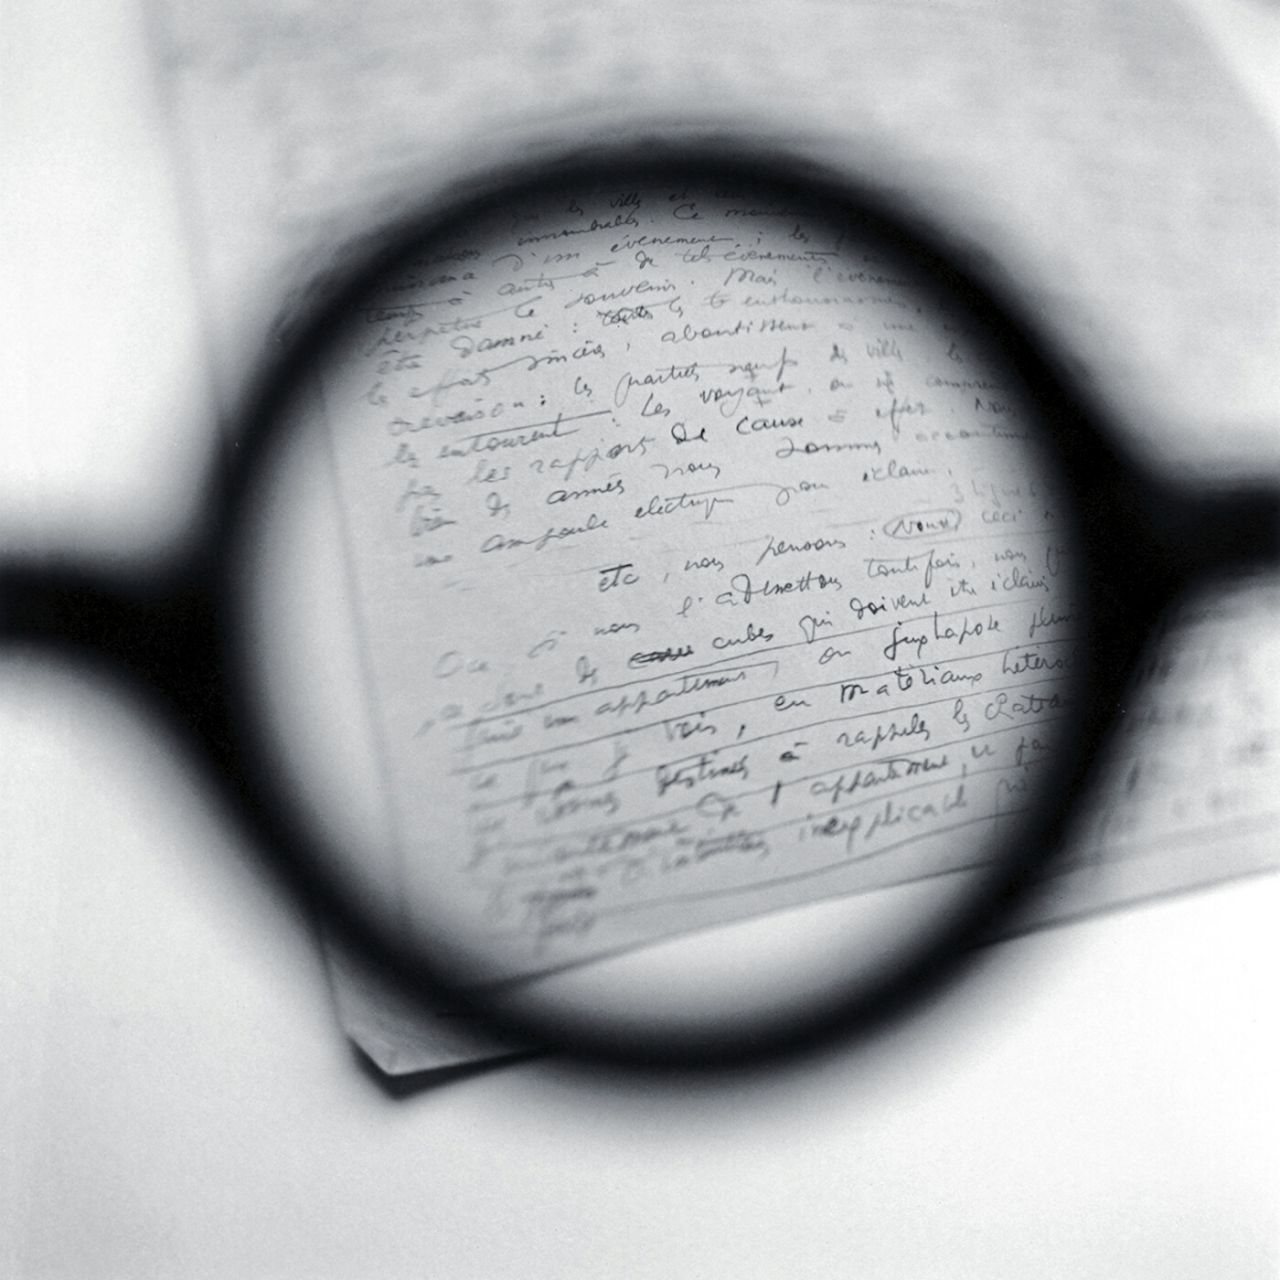 Las gafas de Le Corbusier, viendo las notas de su conferencia en París «La habitación moderna», 2003